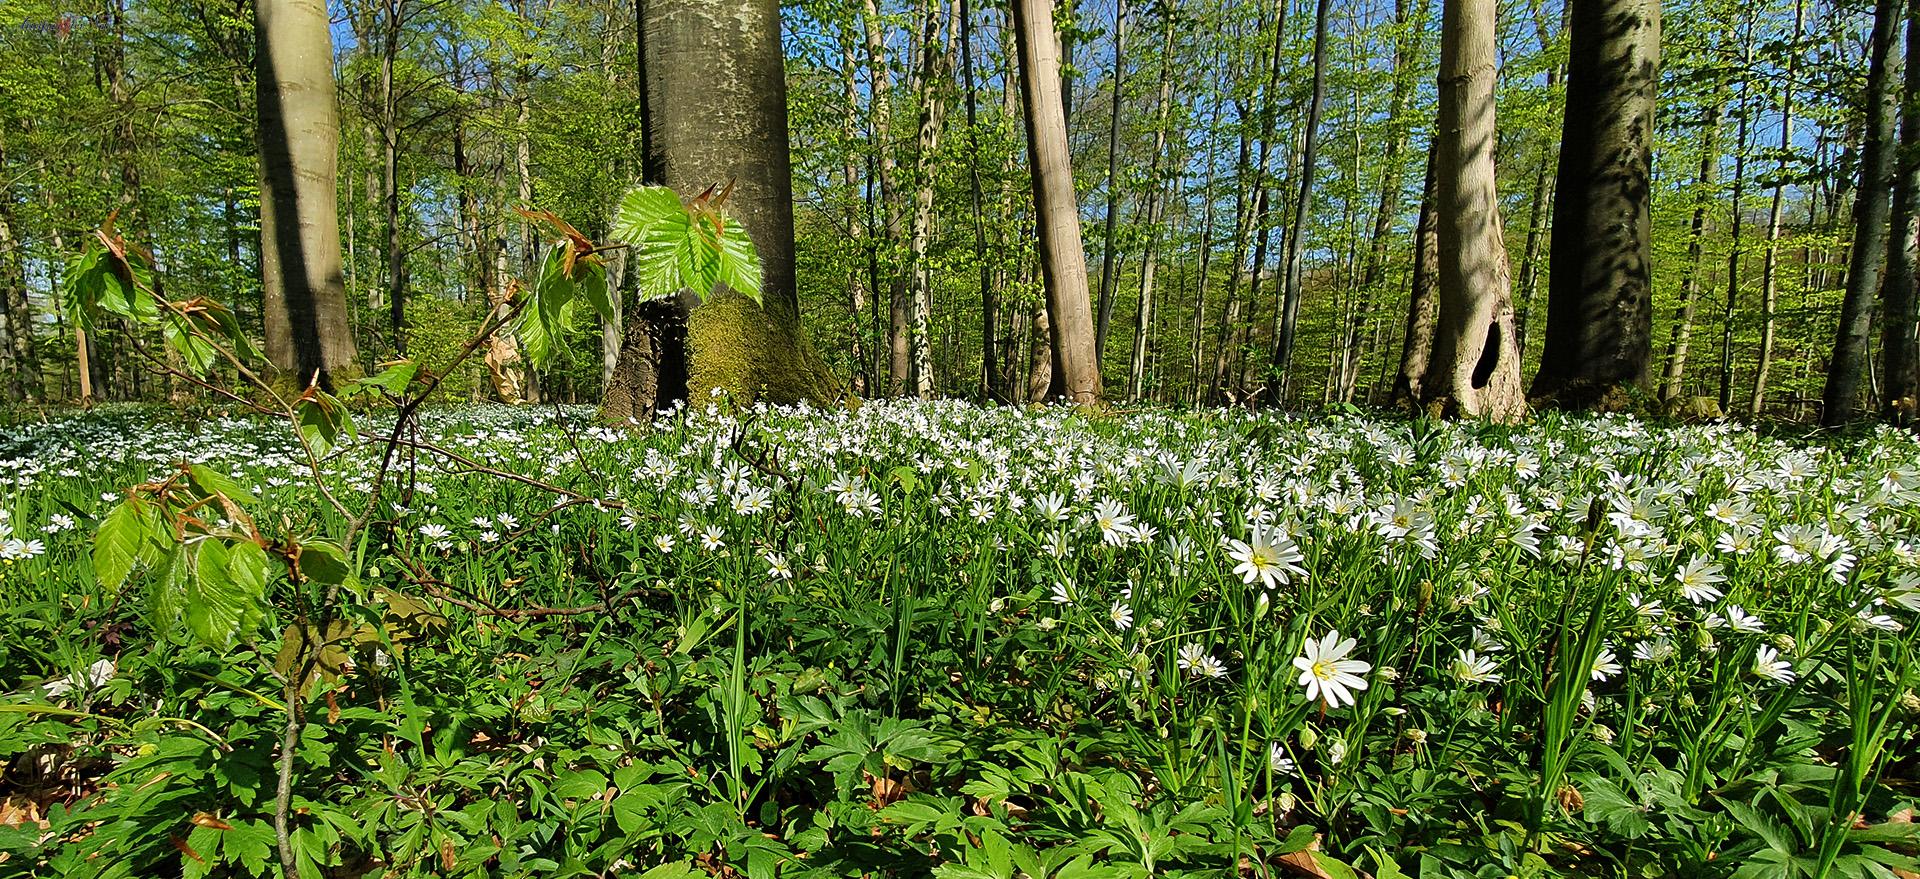 Es grünt und blüht im Elisenhain. Naturschutzgebiet Eldena - Wald im Südosten der Hansestadt Greifswald in Mecklenburg-Vorpommern